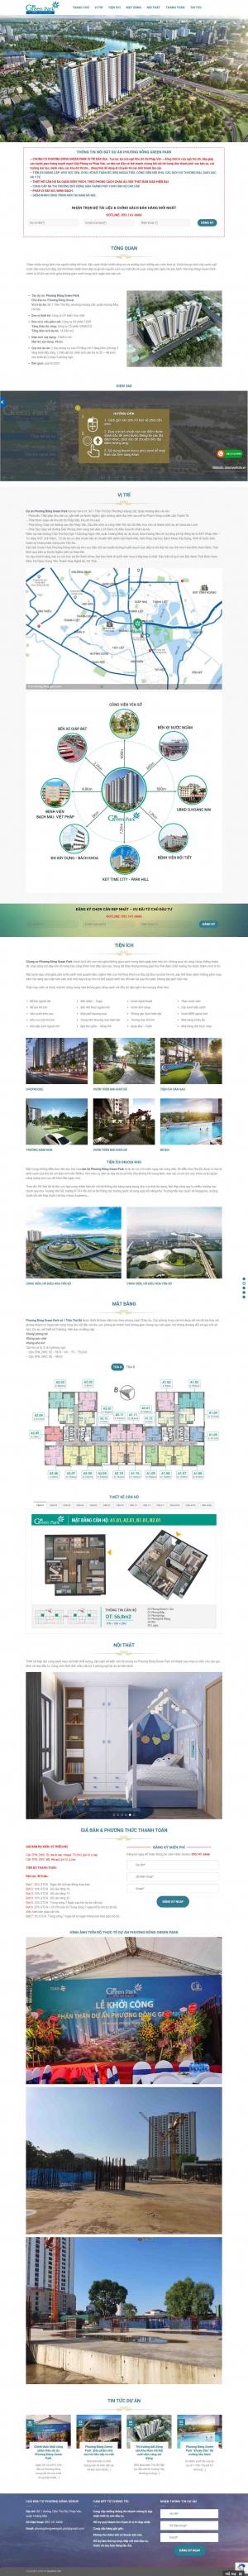 Mẫu thiết kế website bất động sản chuyên nghiệp nhiều dự án